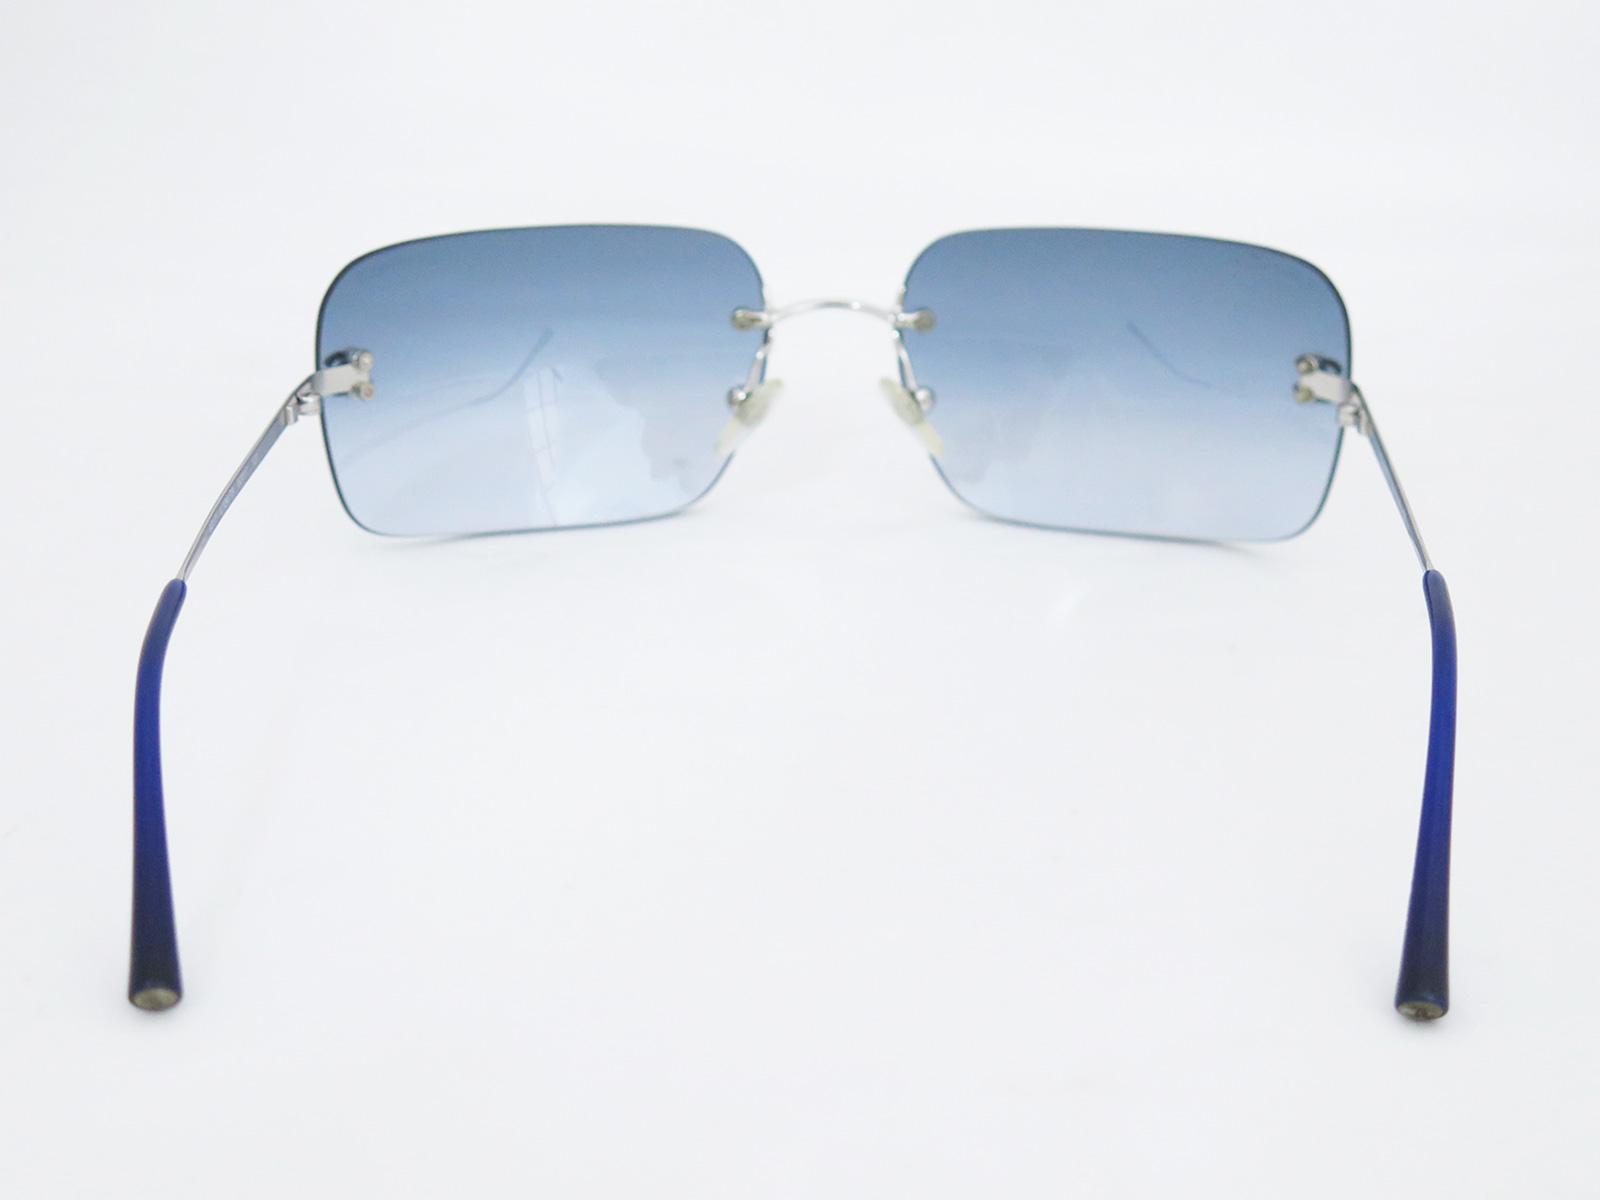 Frameless Glasses Spares : Auth Chanel CC Logo Frameless Sunglasses Gradation Blue ...